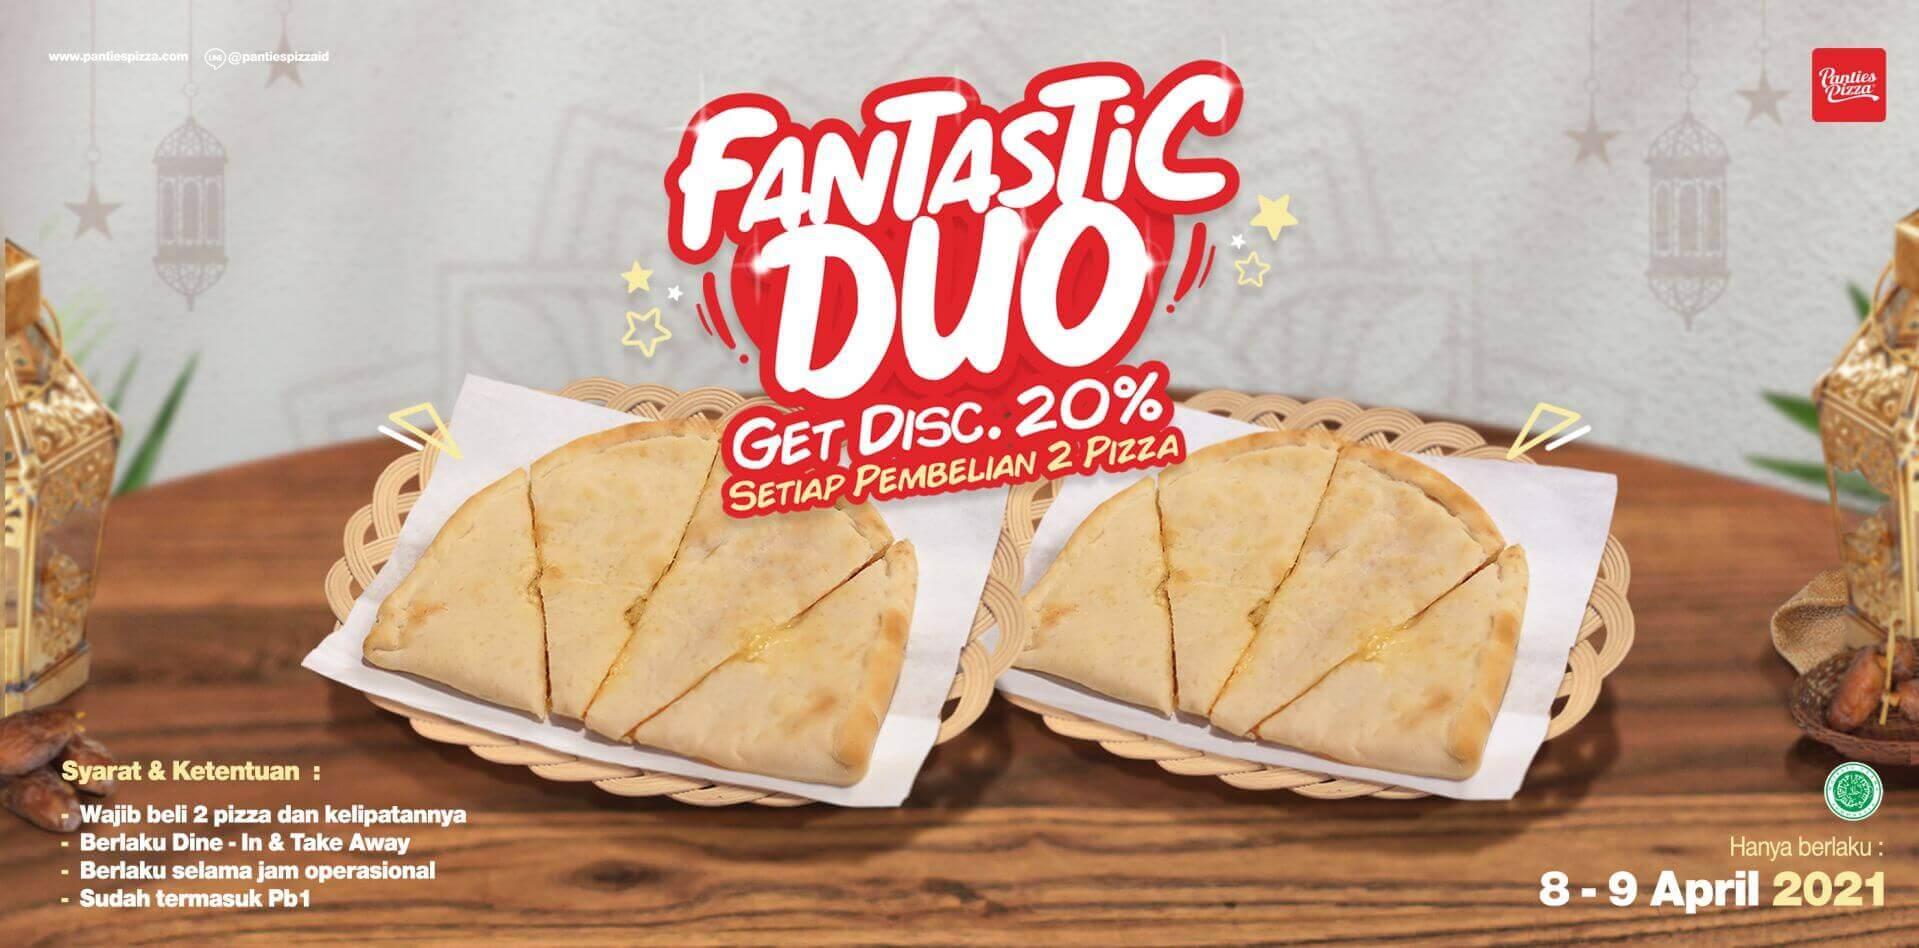 Fantactic Duo Panties Pizza Promo Terbaru April 2021 Potongan Harga 20 Persen Setiap Pembelian 2 Pizza Varian Apa Saja Fantastic Duo